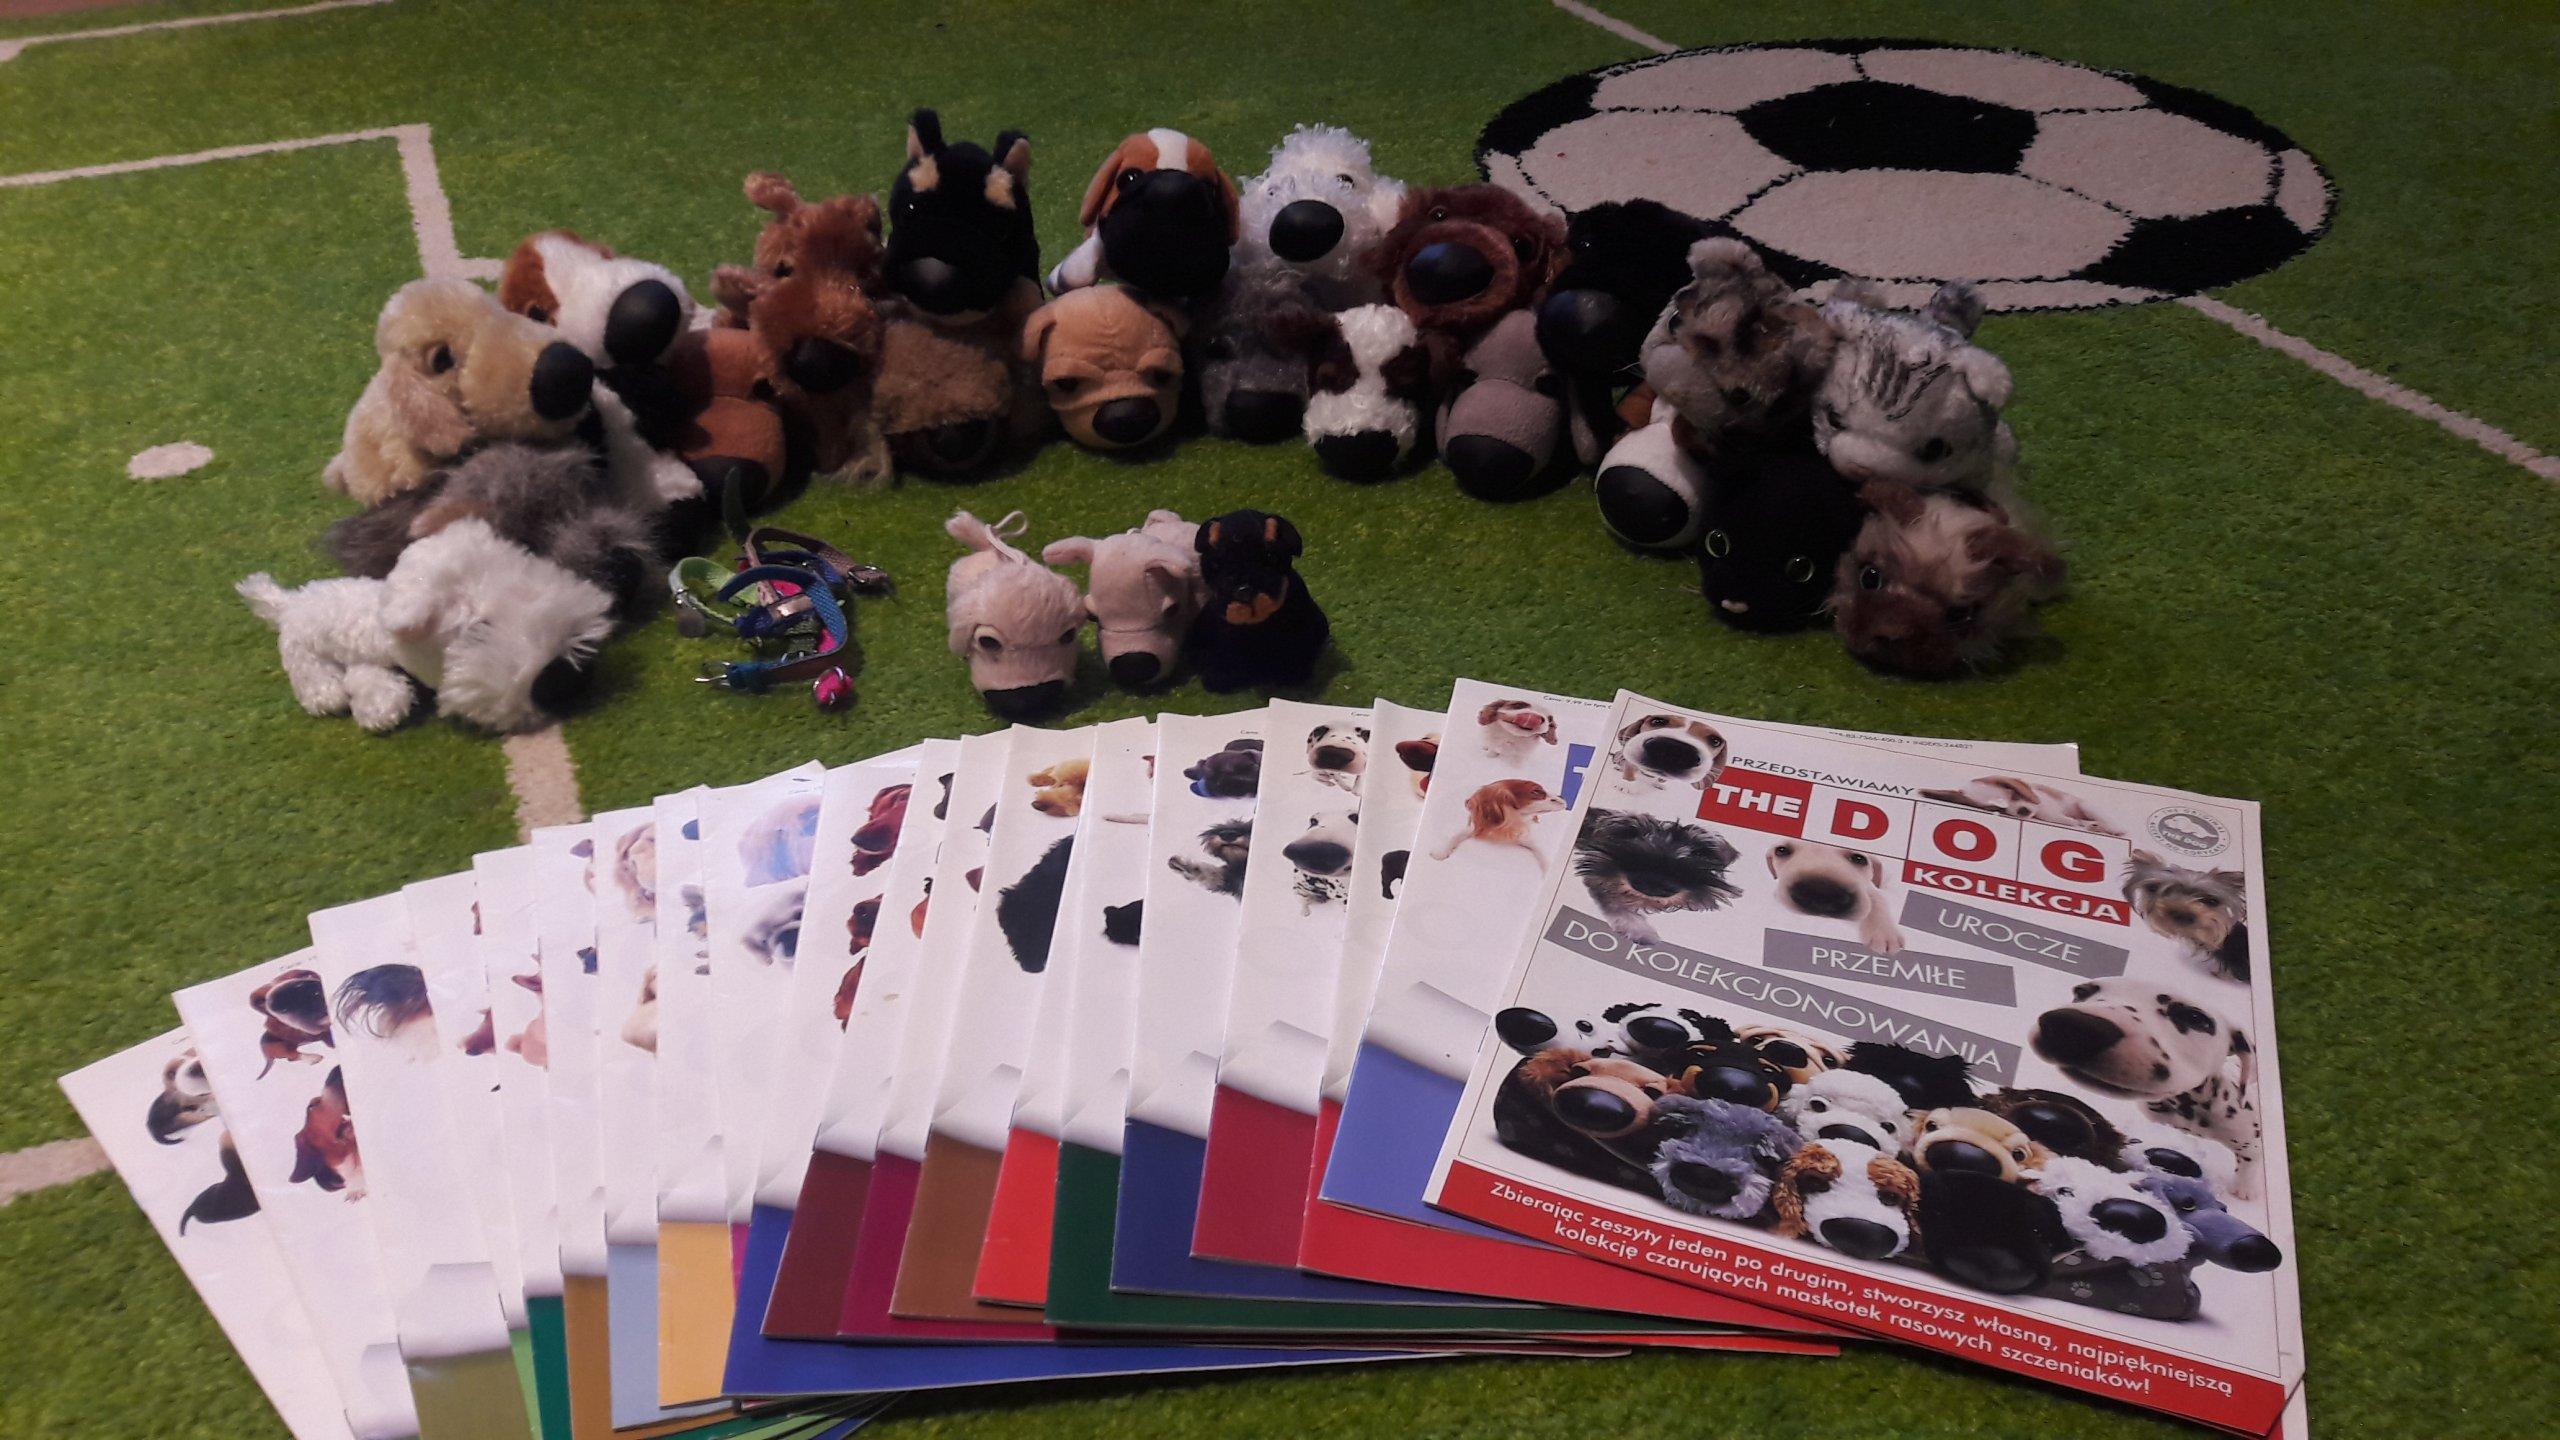 Kolekcja The Dog Zestaw Rasowych Pieskow 7075206439 Oficjalne Archiwum Allegro